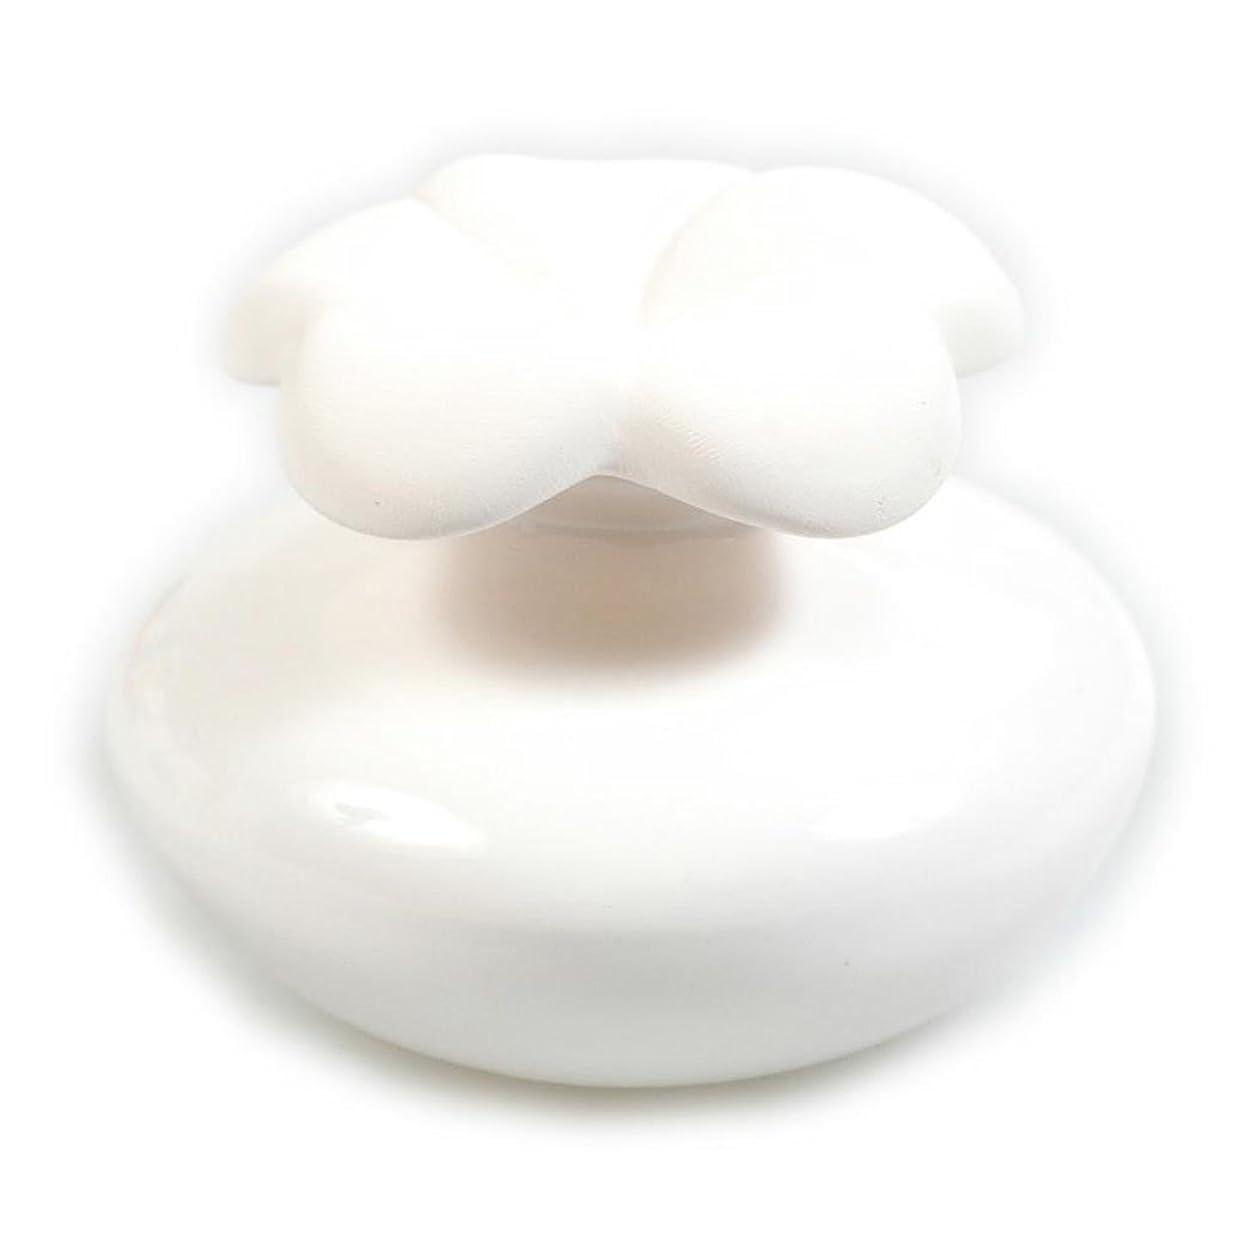 多様体東ティモールばかげたMillefiori FIORE ルームフレグランス用 花の形のセラミックディフューザー Sサイズ ホワイト LDIF-FS-001